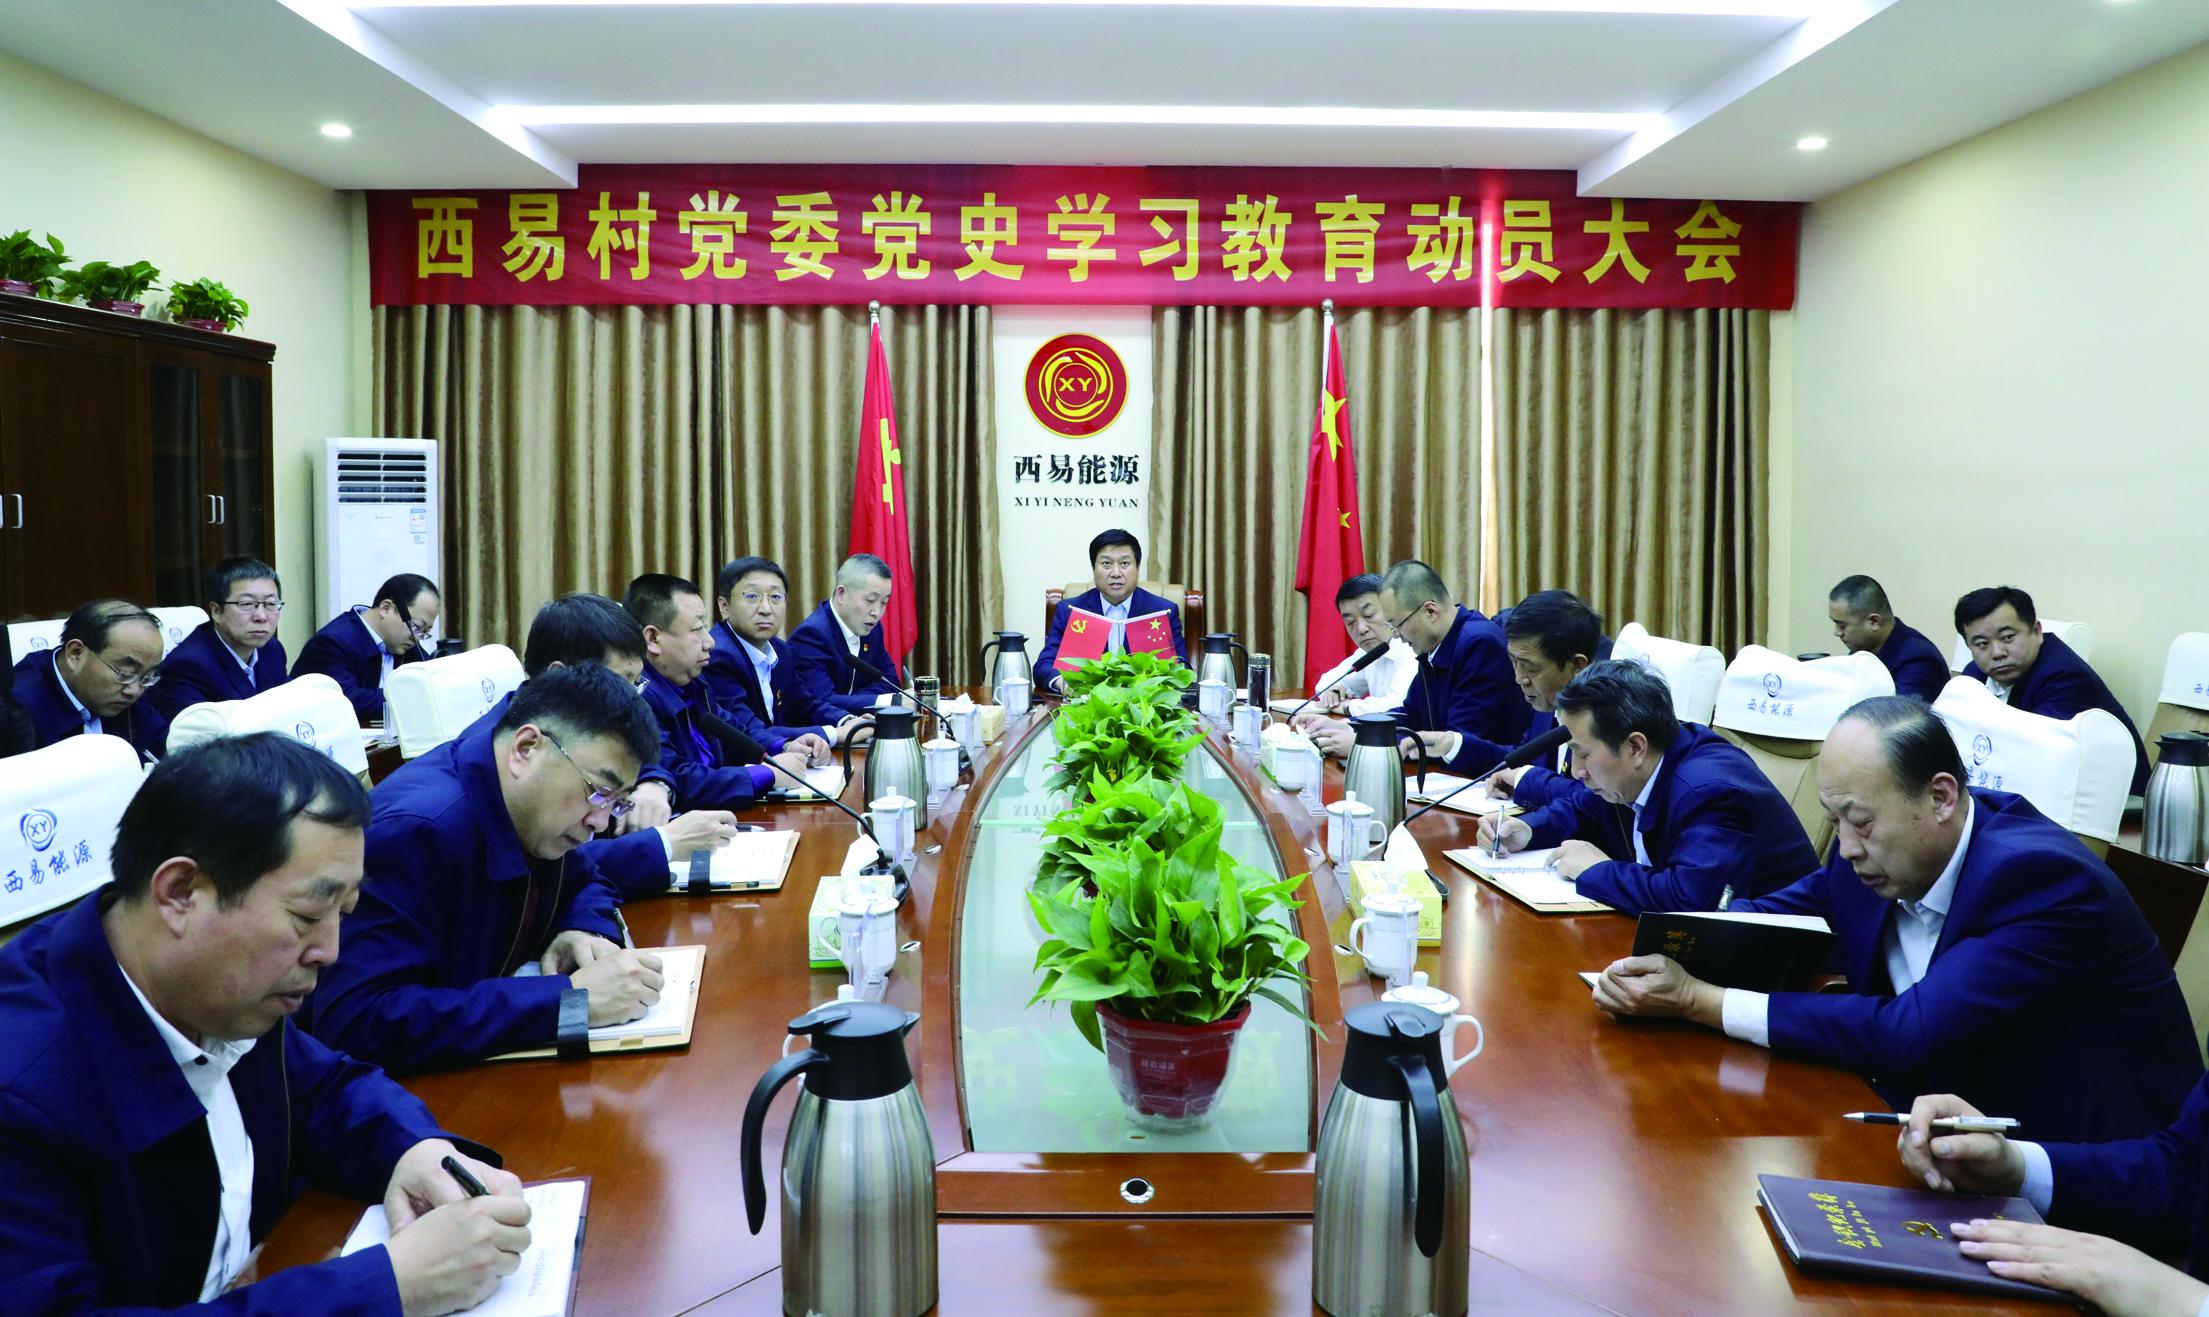 西易村党委召开党史学习教育动员大会